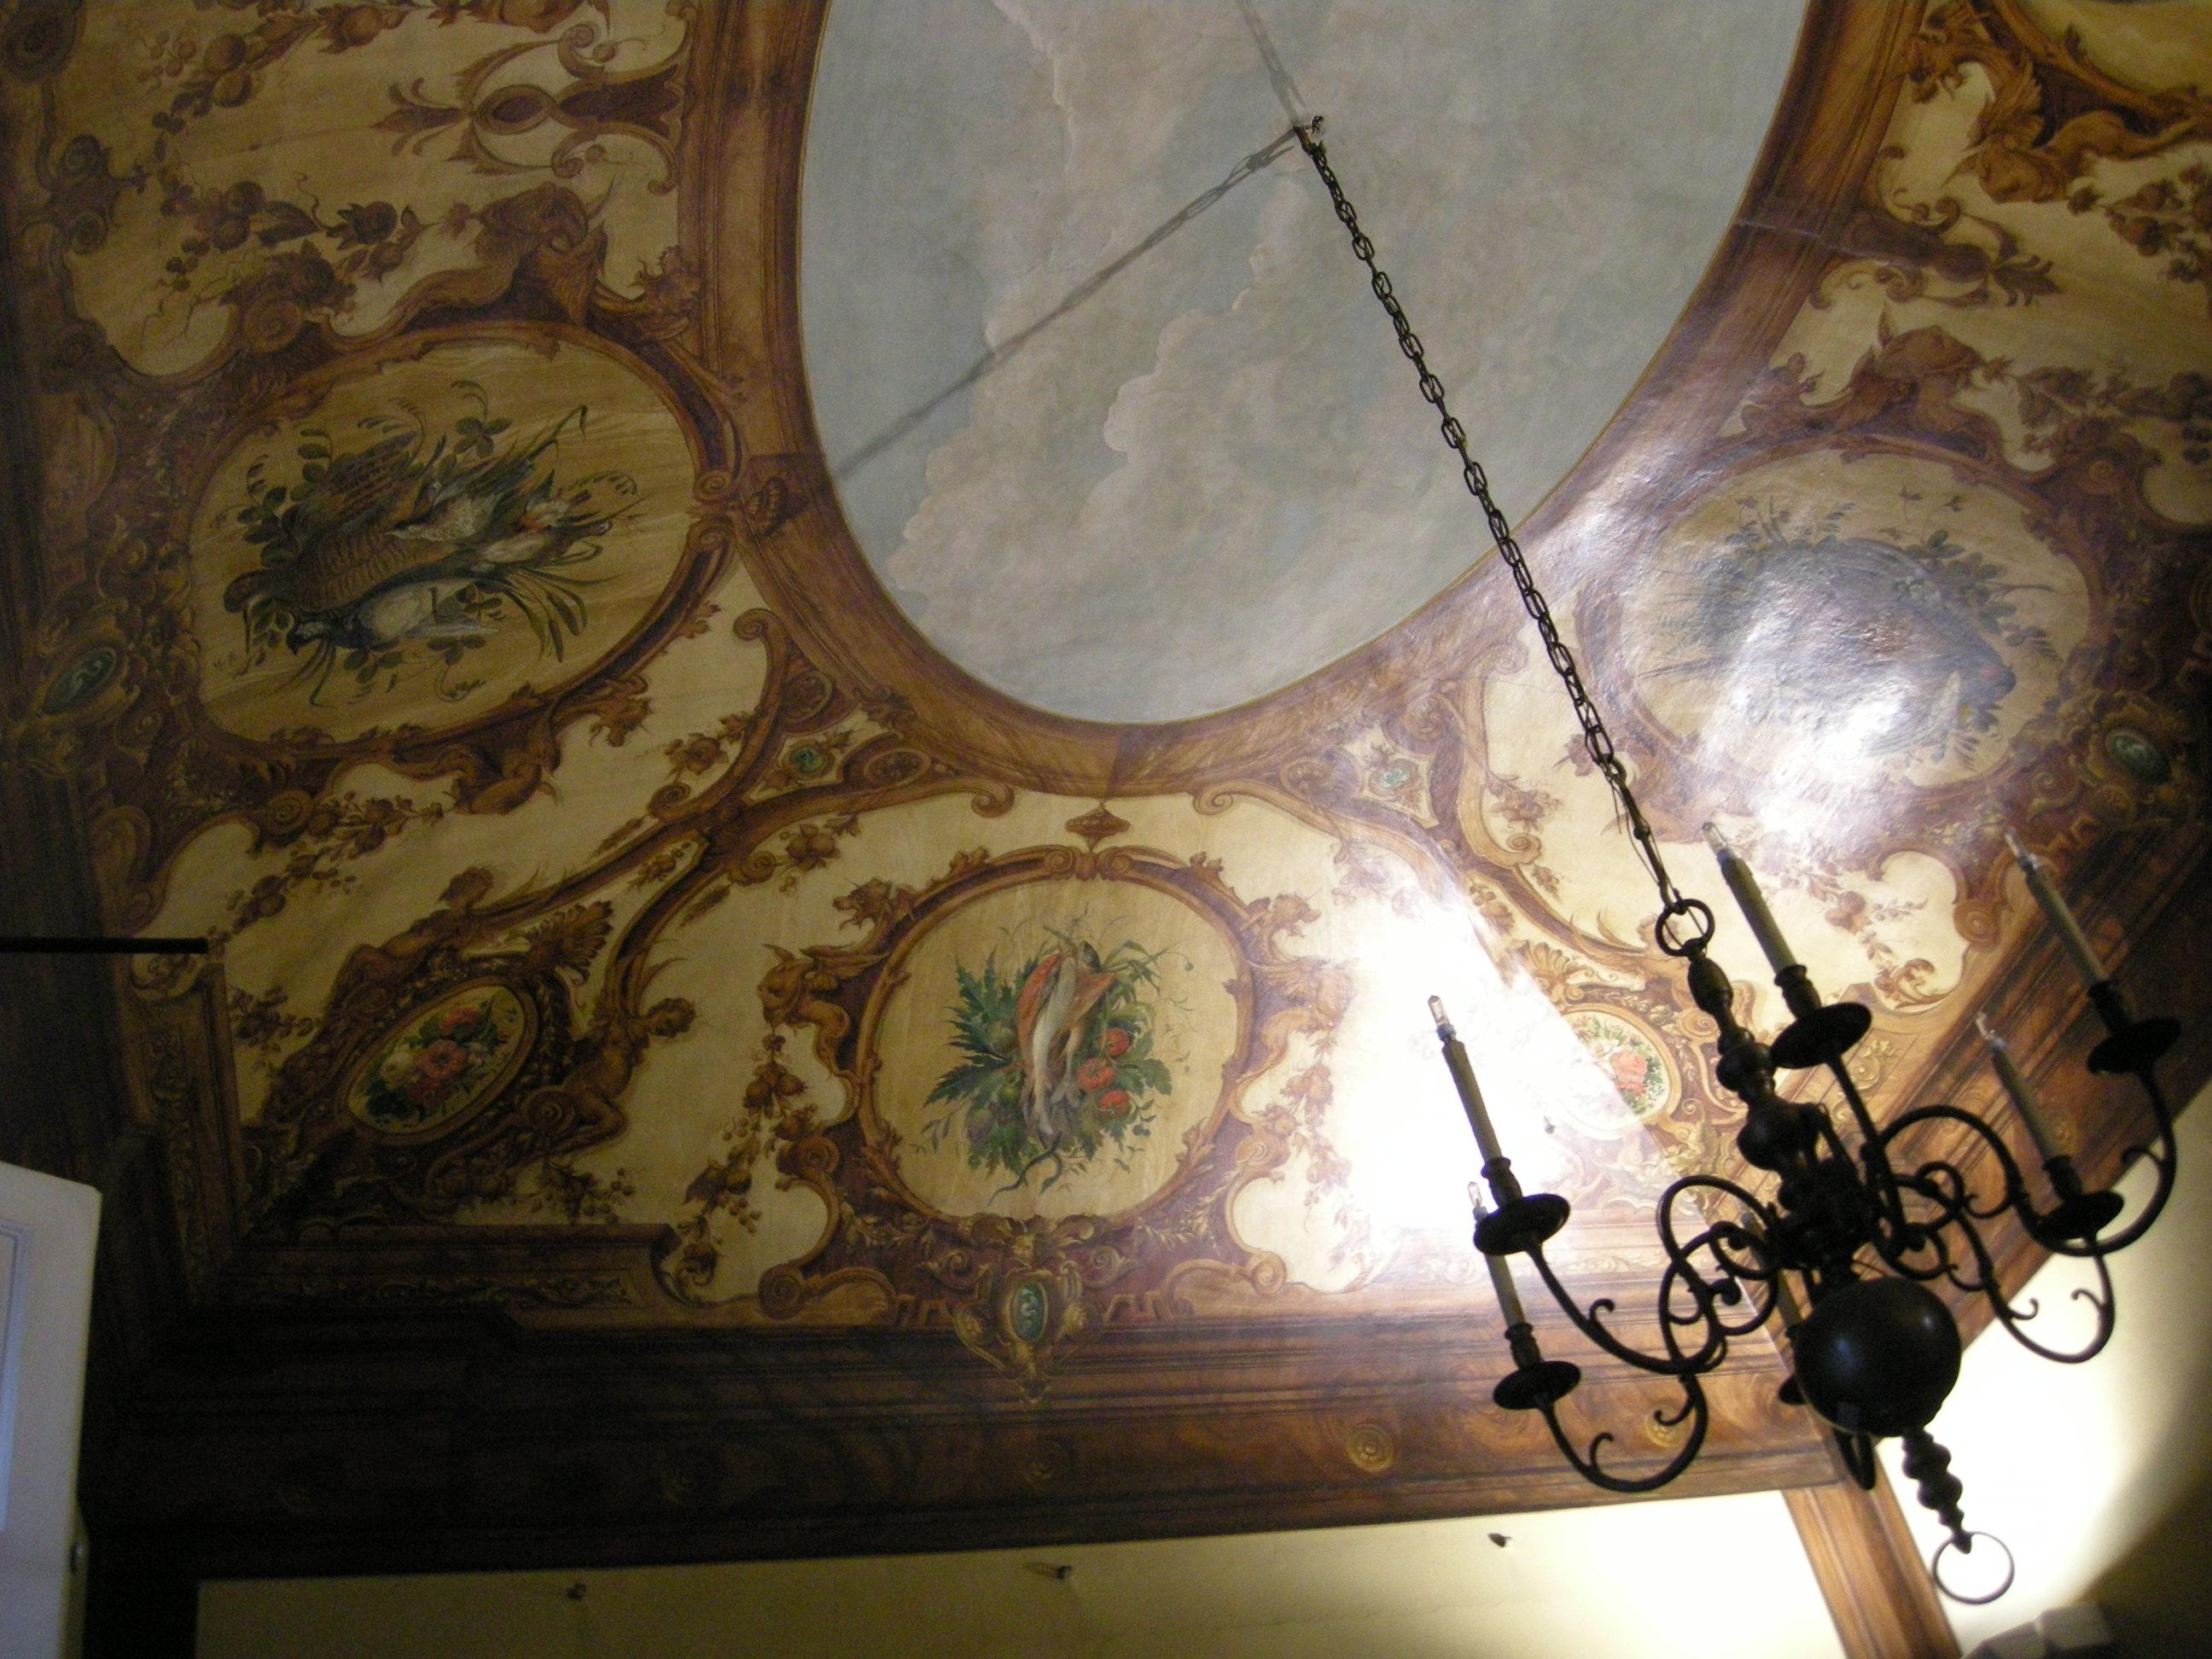 Description Casa Siviero Sala Da Pranzo Soffitto Di Stefano Ussi 02  #604826 2592 1944 Quadri Da Sala Da Pranzo